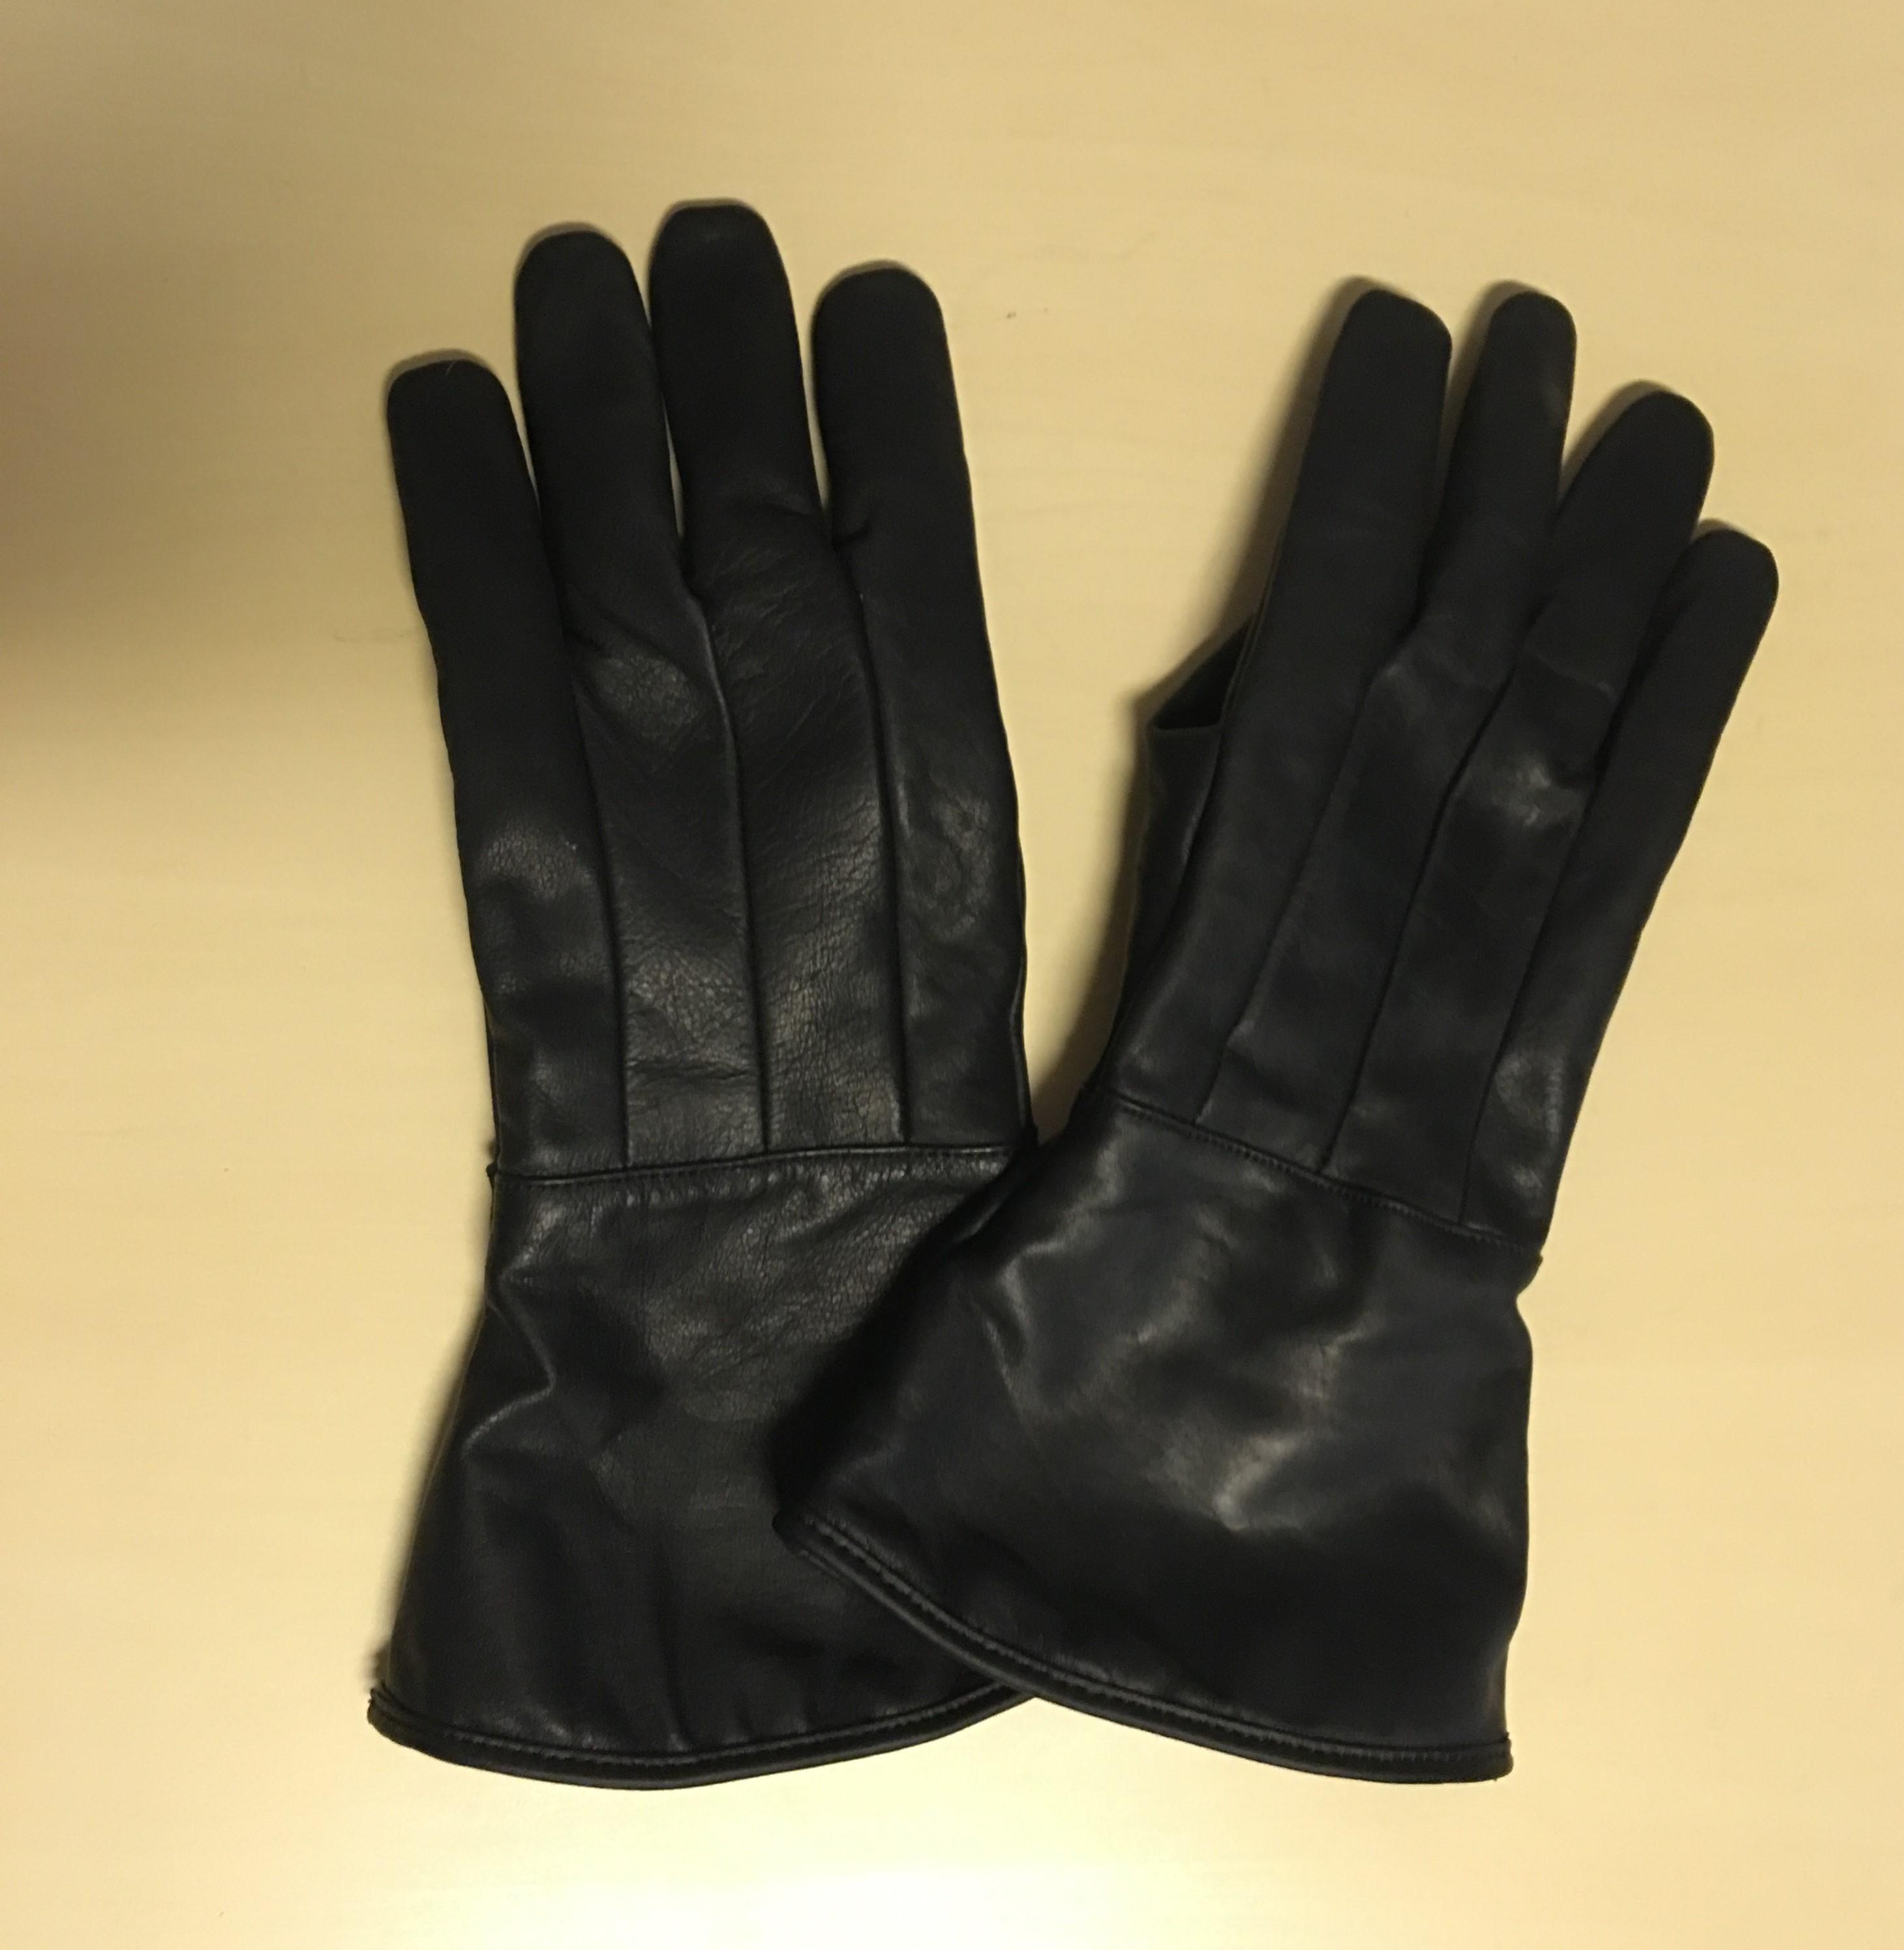 s438647550.online.de/PICS/tie_gloves_01.JPG